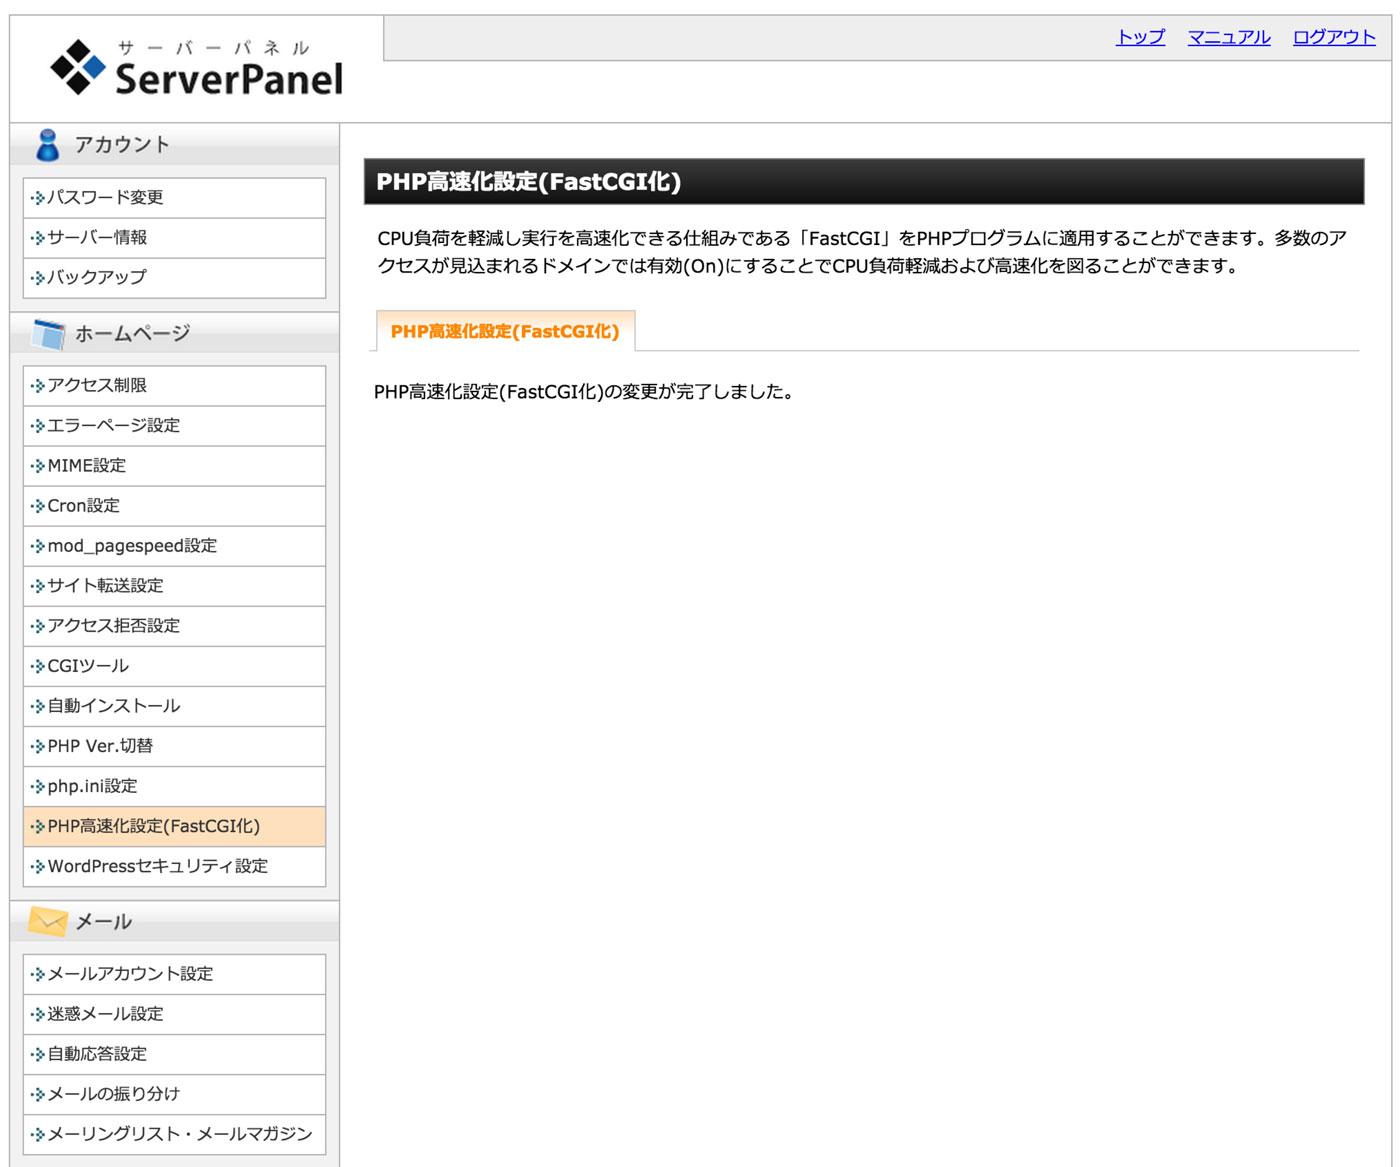 PHP高速化設定(FastCGI化)がONになりました